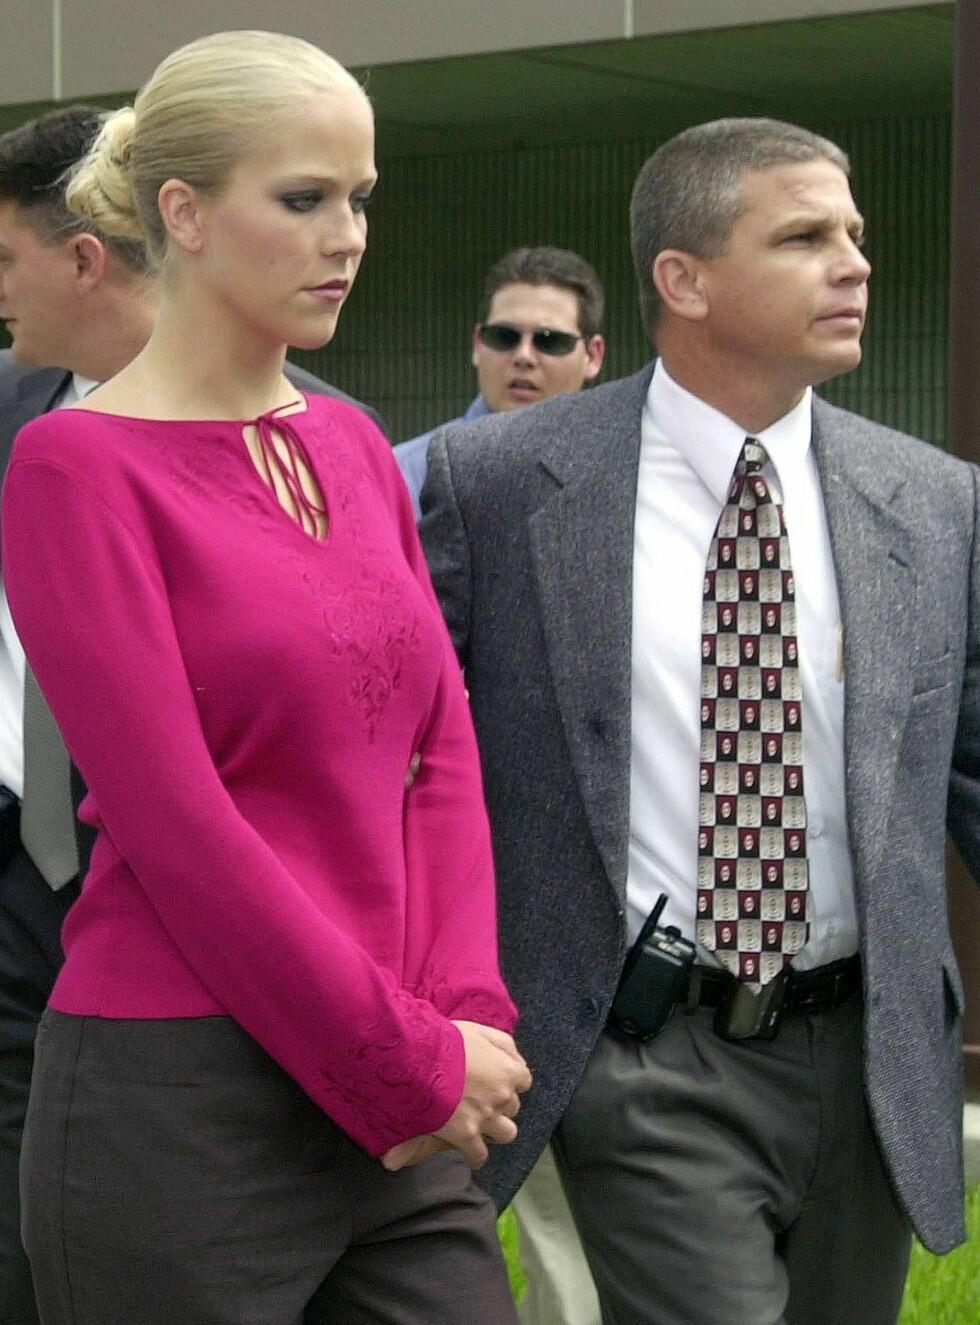 TILTALT: Debra ble dømt til ti års fengsel for å hatt sex med en 14-åring. Foto: AP/Scanpix